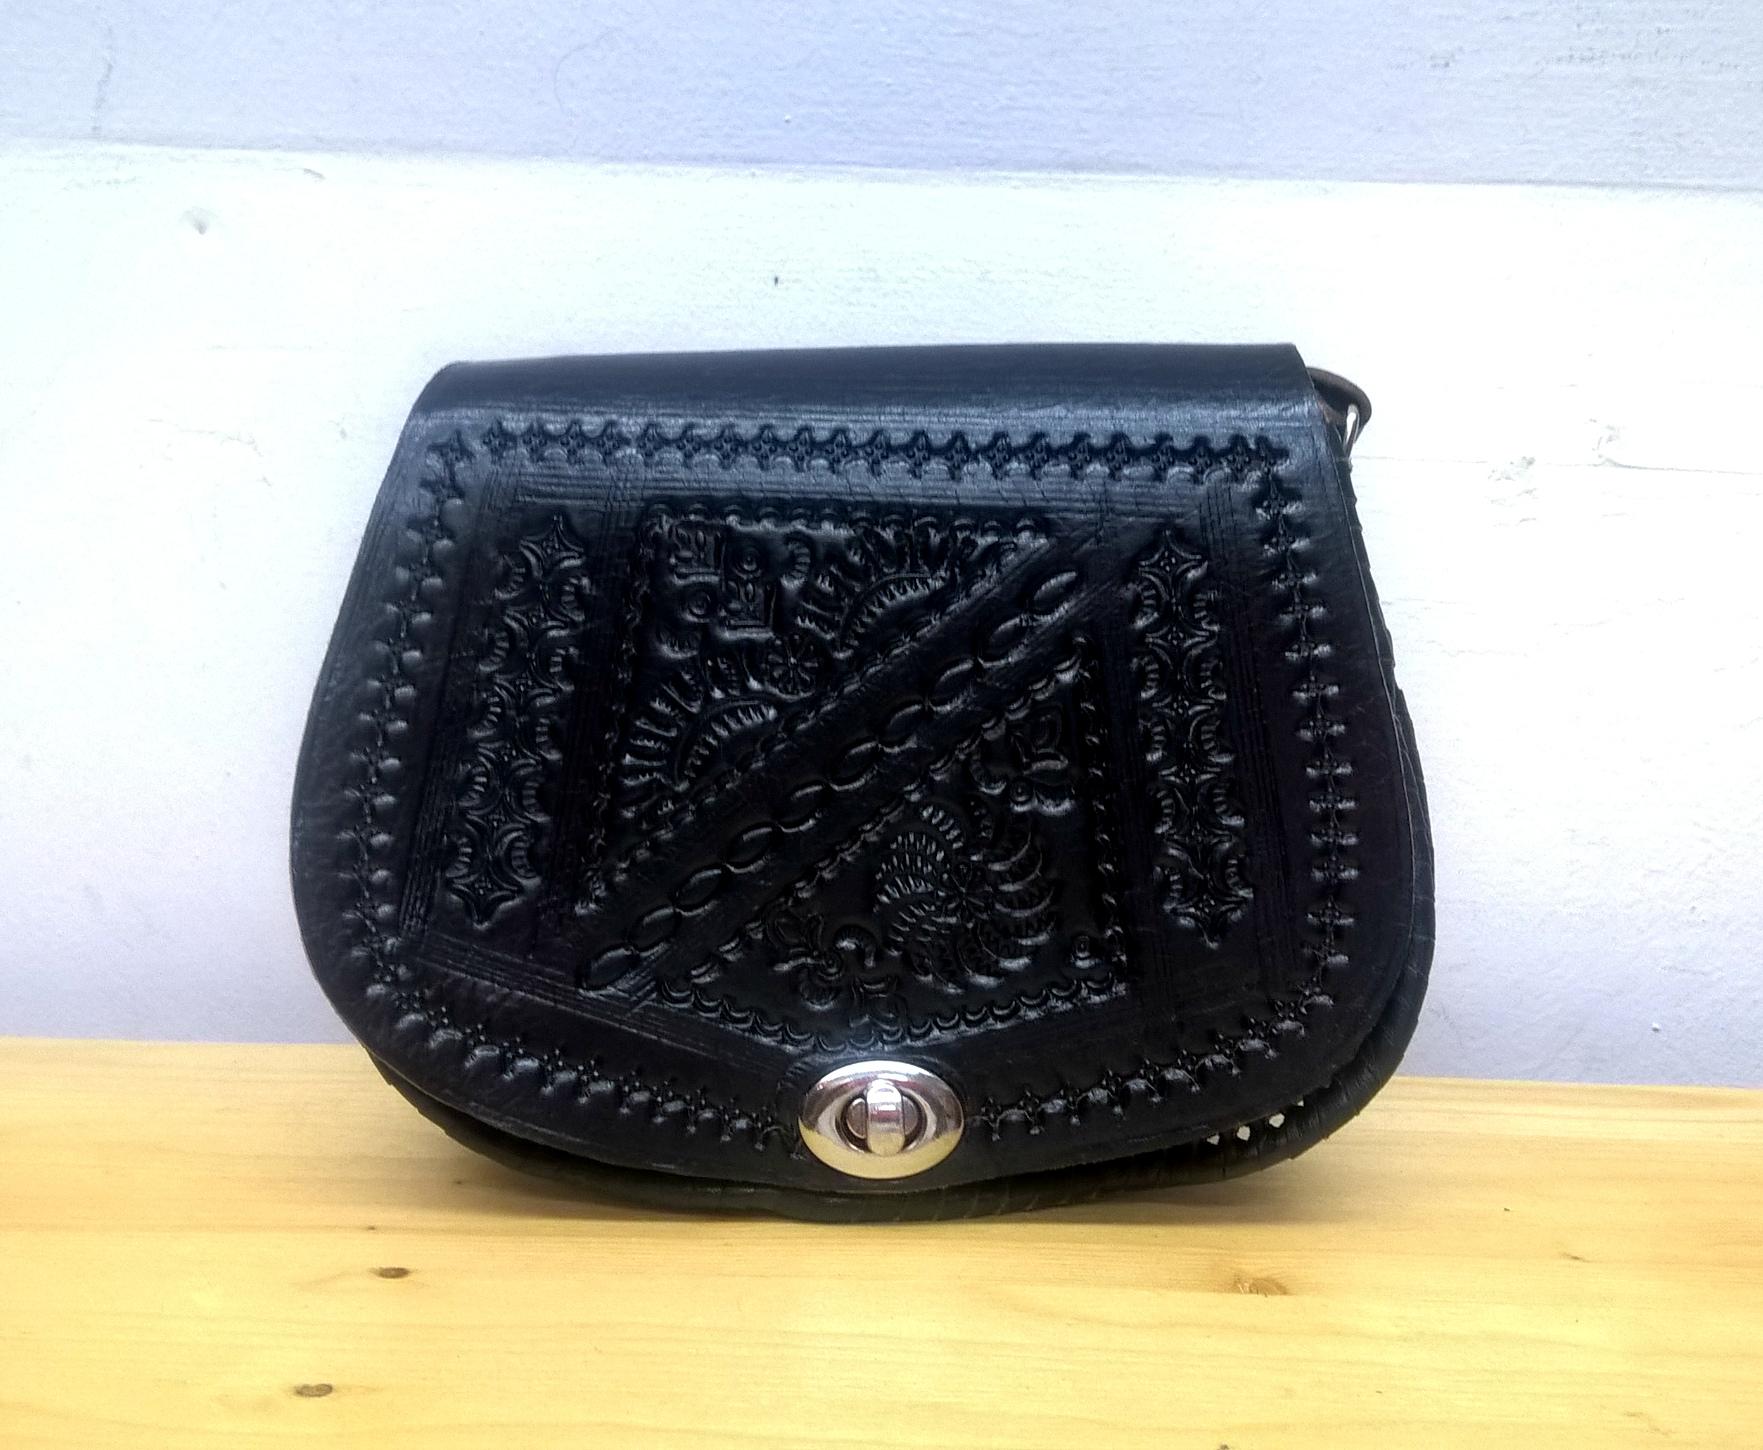 74e2d85c0cce Милая маленькая сумочка, украшенная гравировкой и резьбой по коже. Внутри -  одно отделение и кармашек на молнии. Внешние размеры сумочки: высота 15 см,  ...